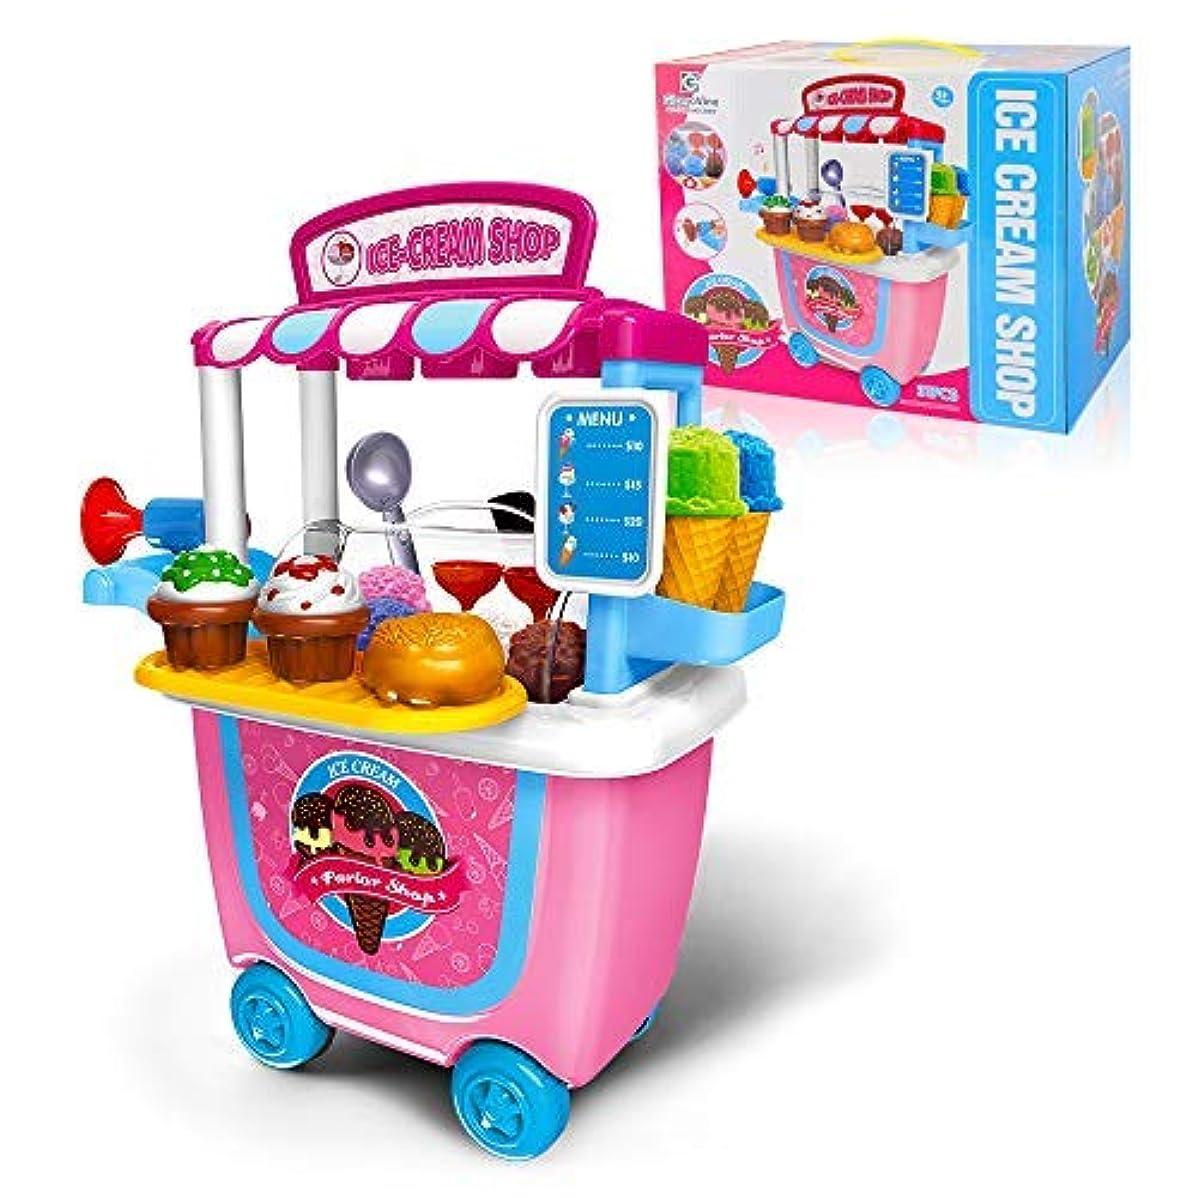 インシュレータモードリン機械的にGizmovine Ice Cream Toy (31 pcs) Pretend Food Truck Toy Play Set Ice Cream Cart for Toddler Girls 5432 Year Old [並行輸入品]